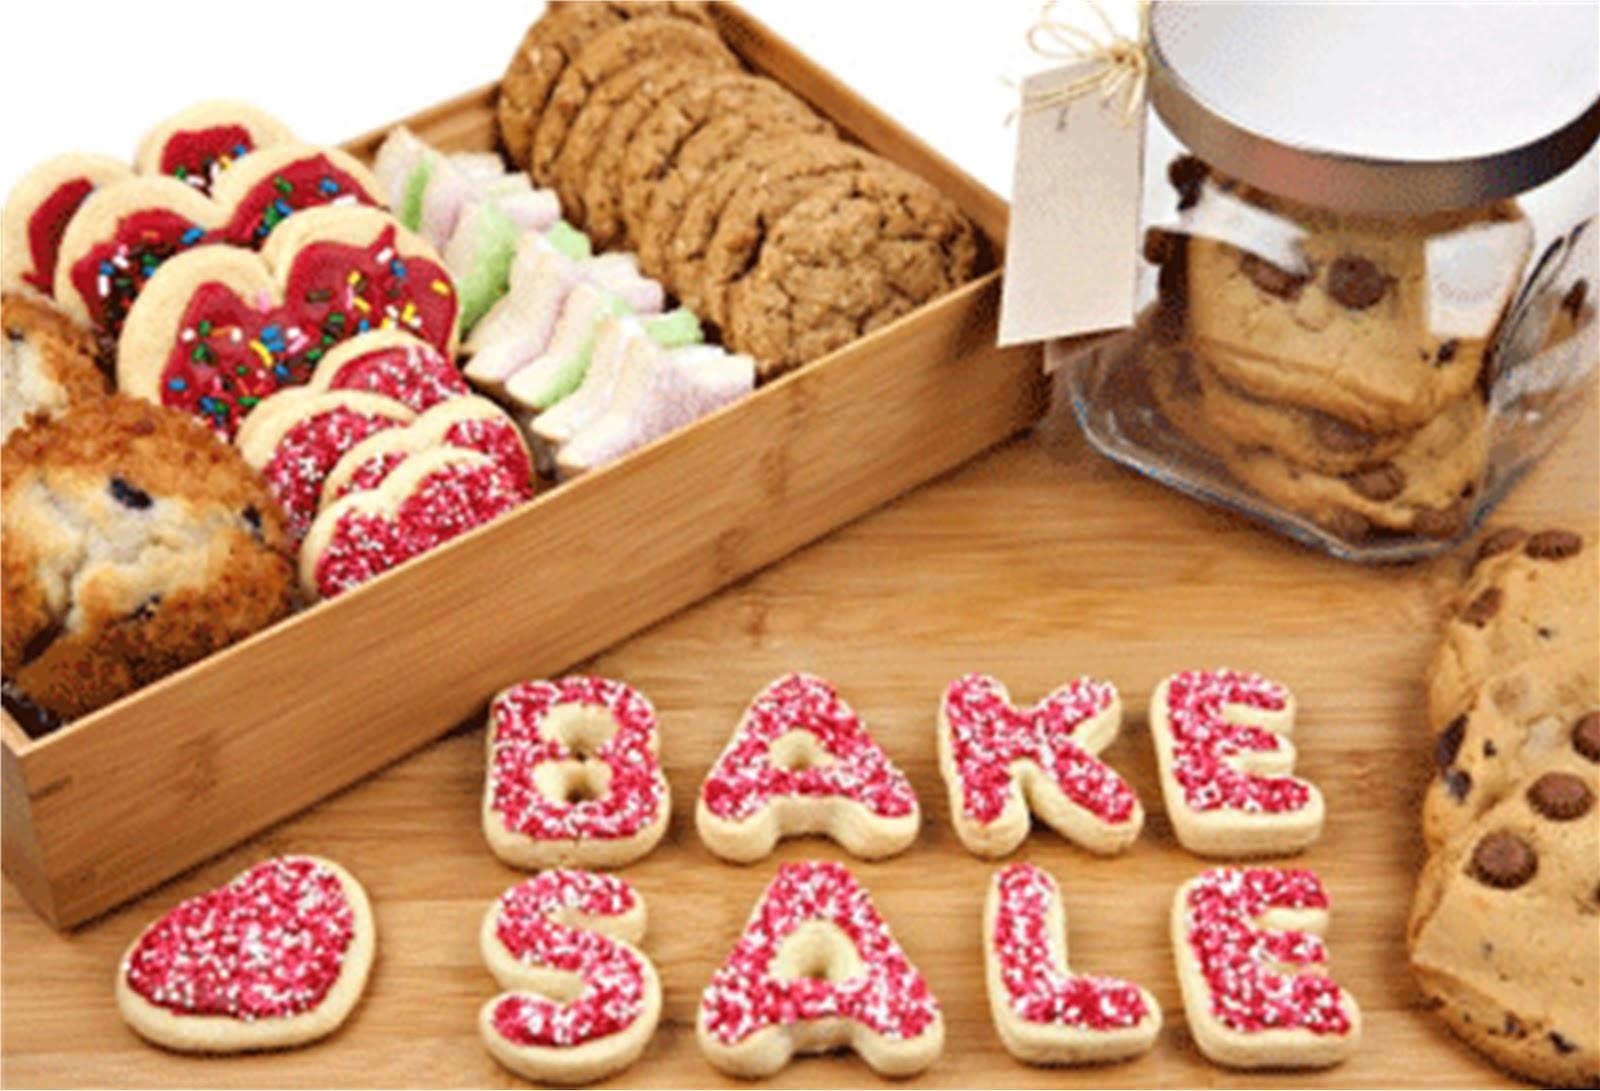 Outreach & Sunday School Bake Sale